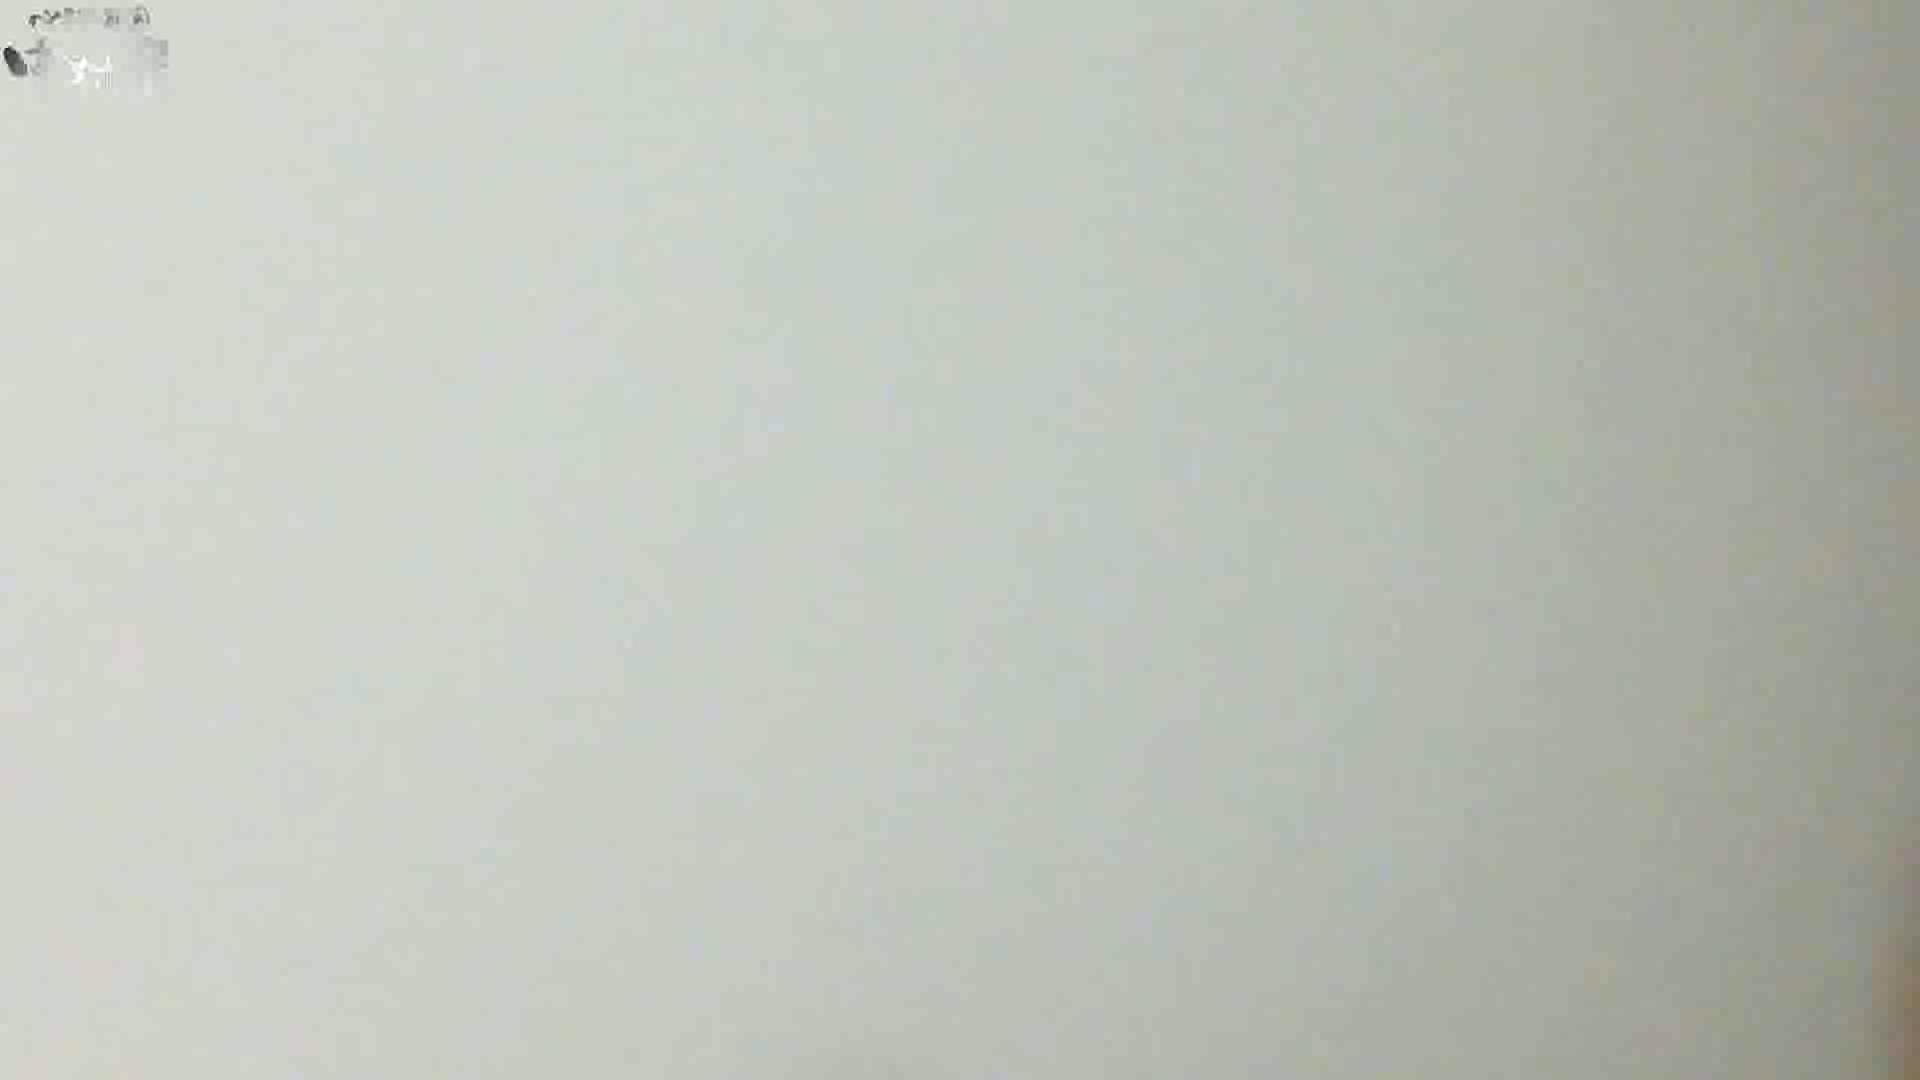 部活女子トイレ潜入編vol.3 トイレ | 女子トイレ編 盗撮 112PIX 1